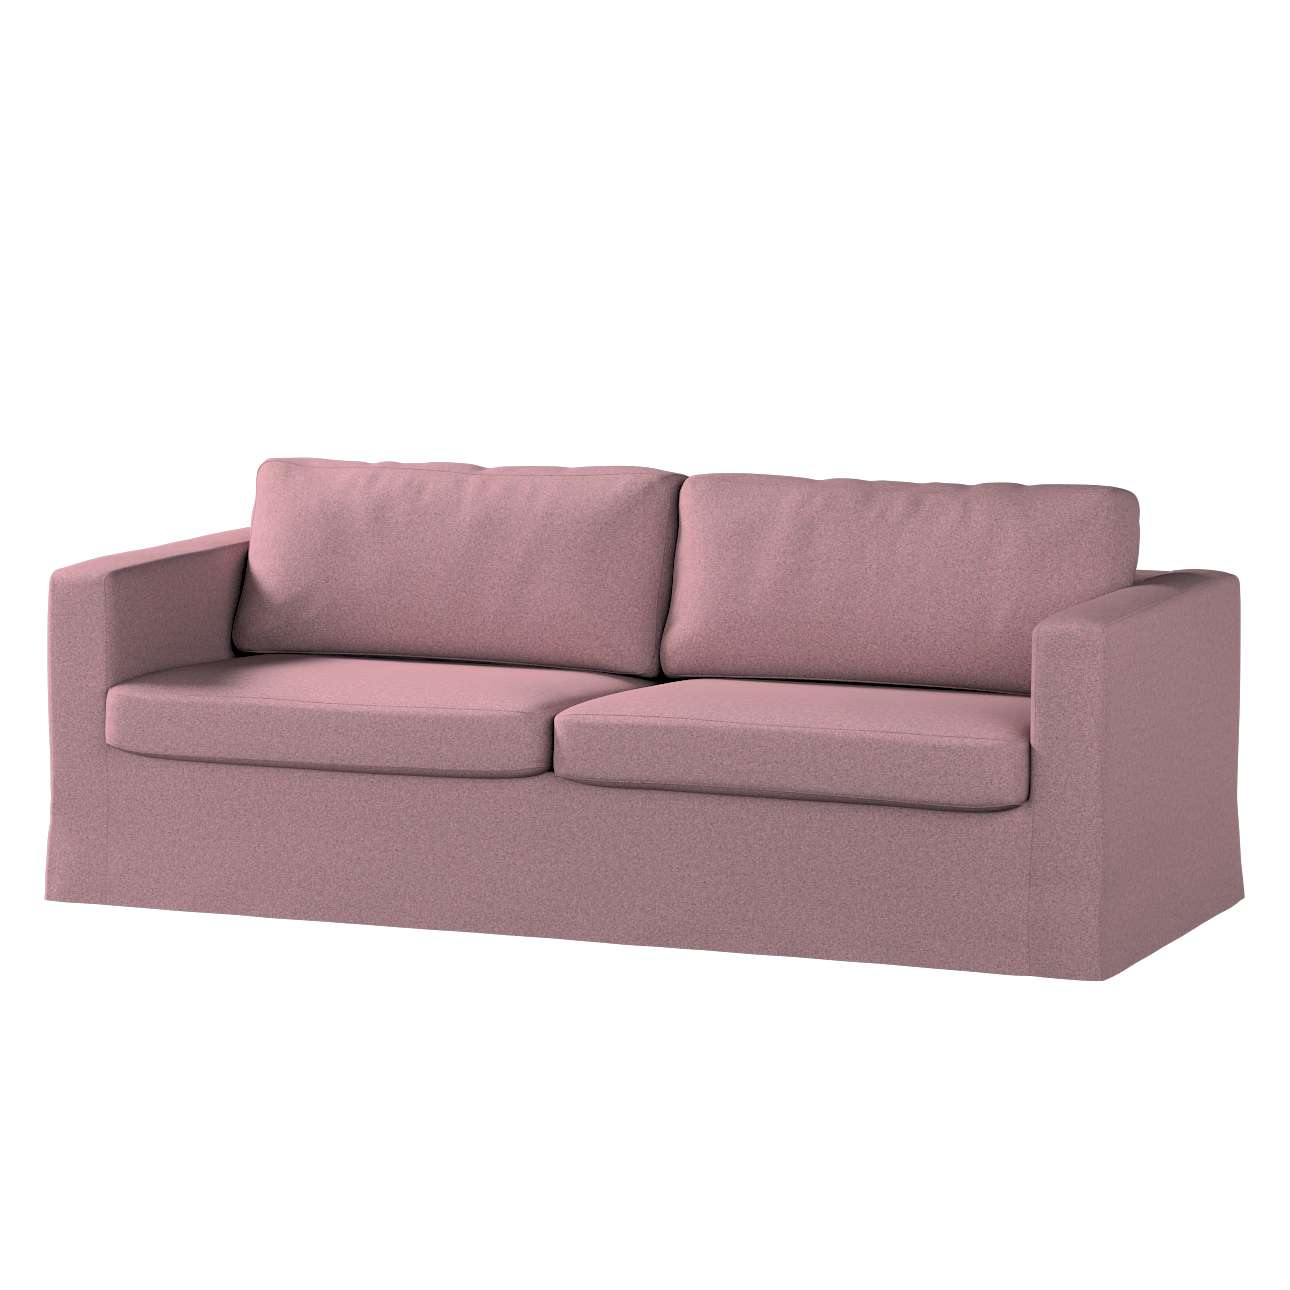 Pokrowiec na sofę Karlstad 3-osobową nierozkładaną, długi w kolekcji Amsterdam, tkanina: 704-48